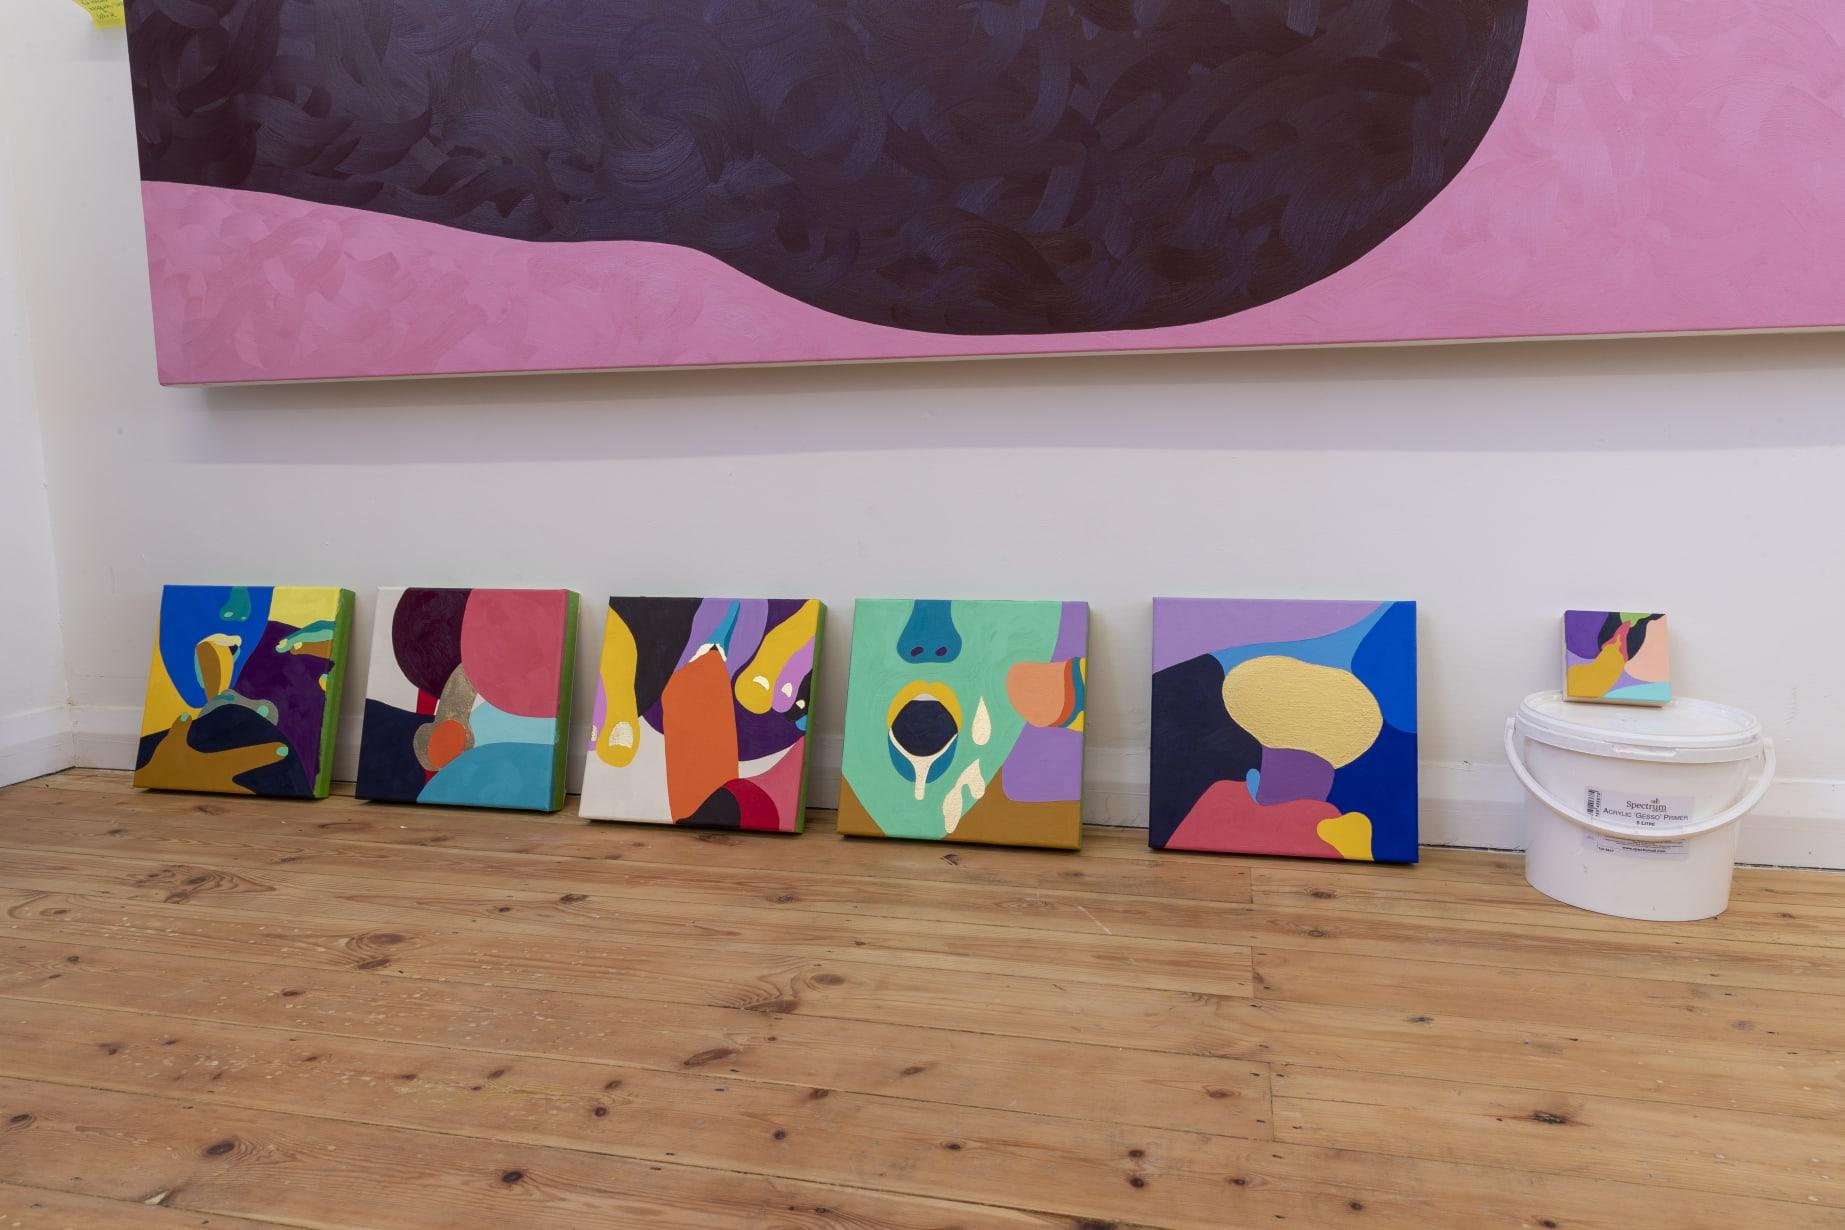 Helenbeard Studio Itsherfactory July2019 Lucyemmsi4361 25